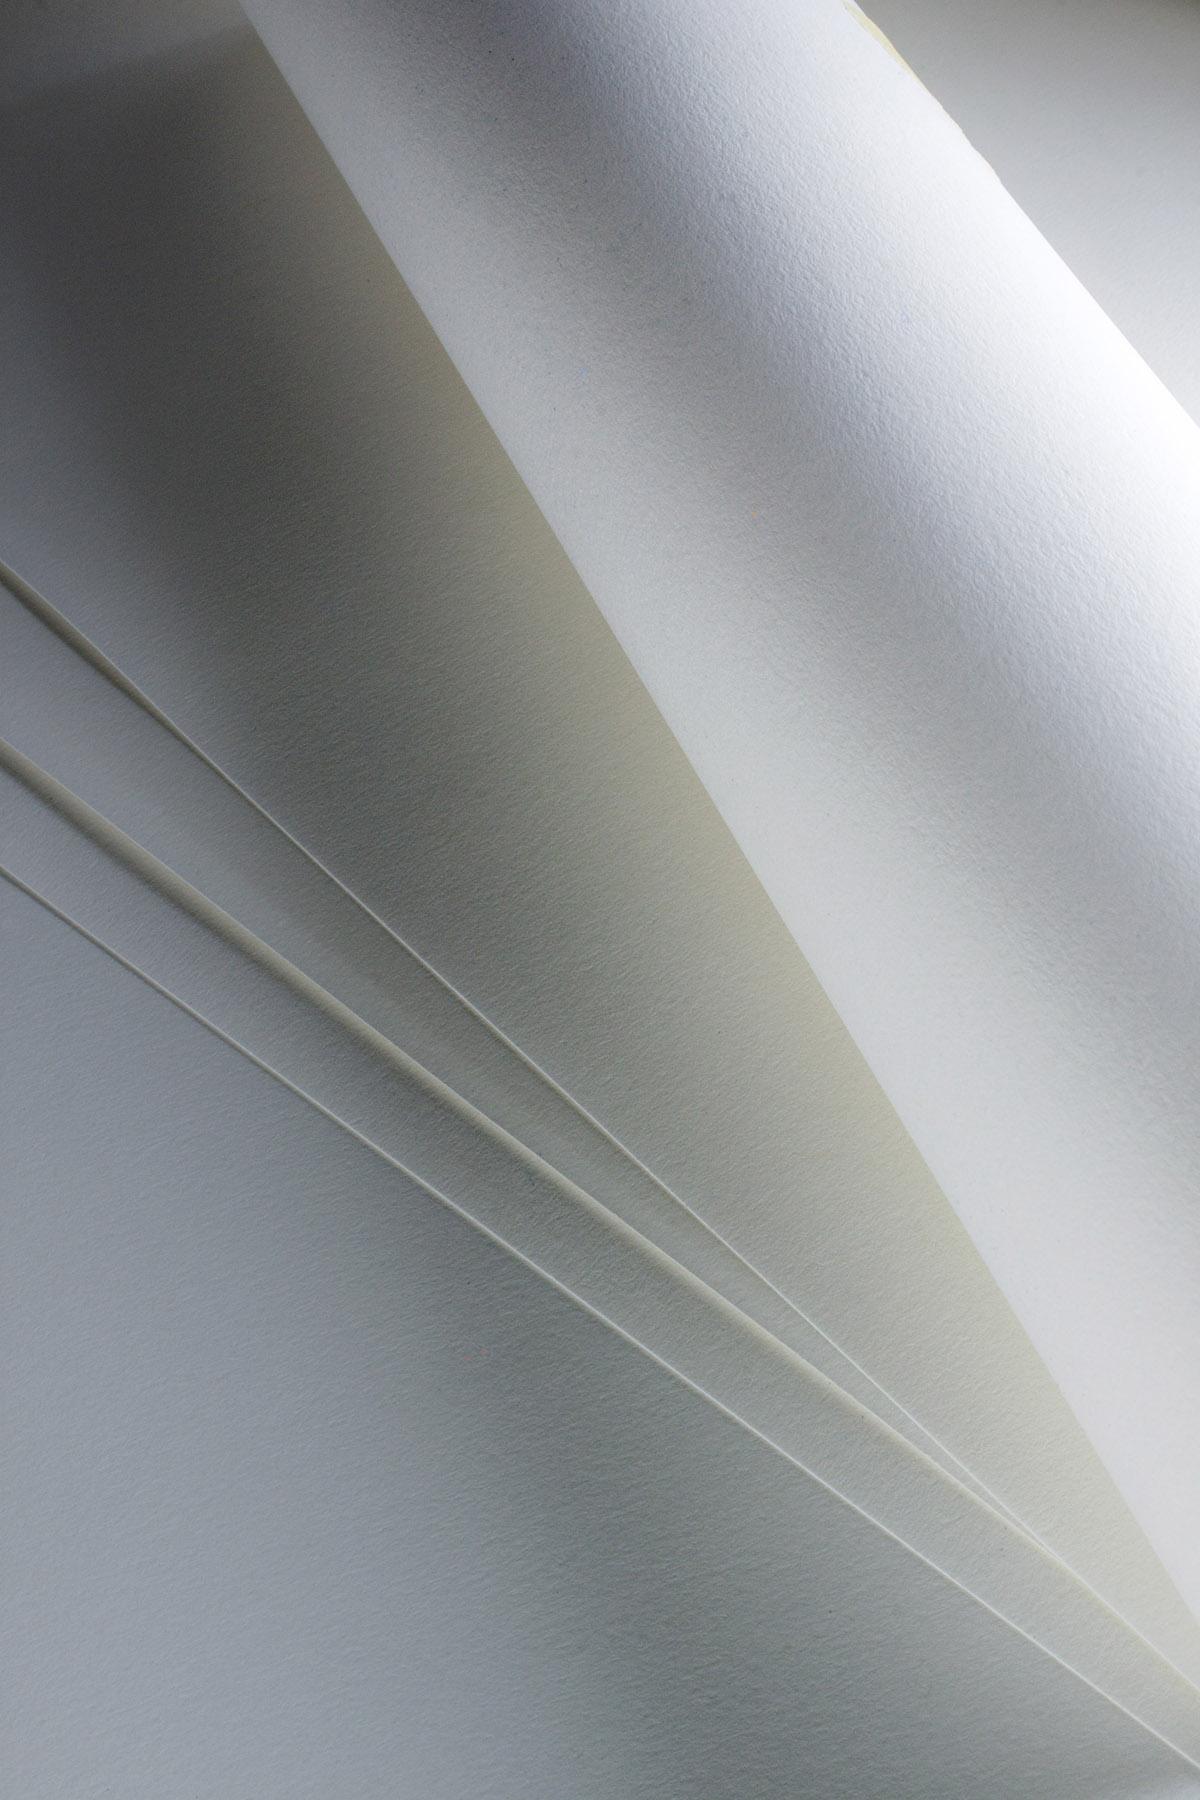 Бумага для рисования, зарисовок Fabriano Accademia 120г/м.кв 100x1000см мелкозернистая в рулоне